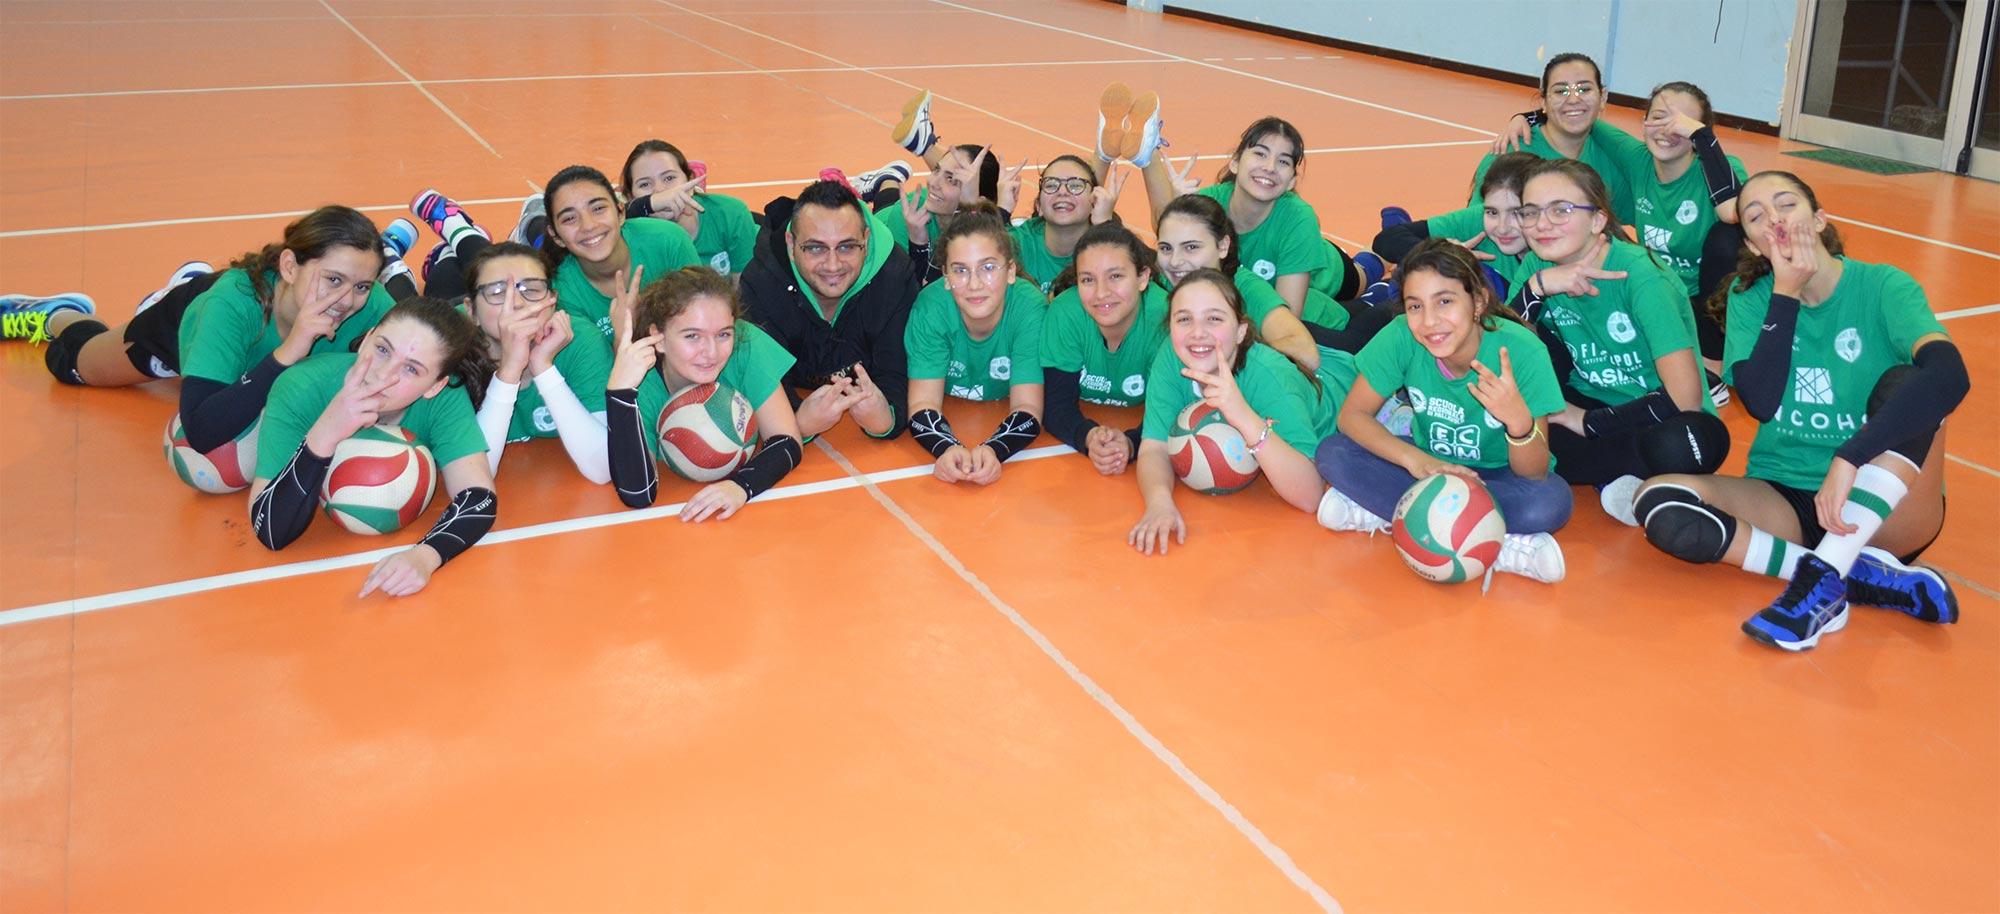 La Showy Boys partecipa con una squadra femminile al torneo 3D Young